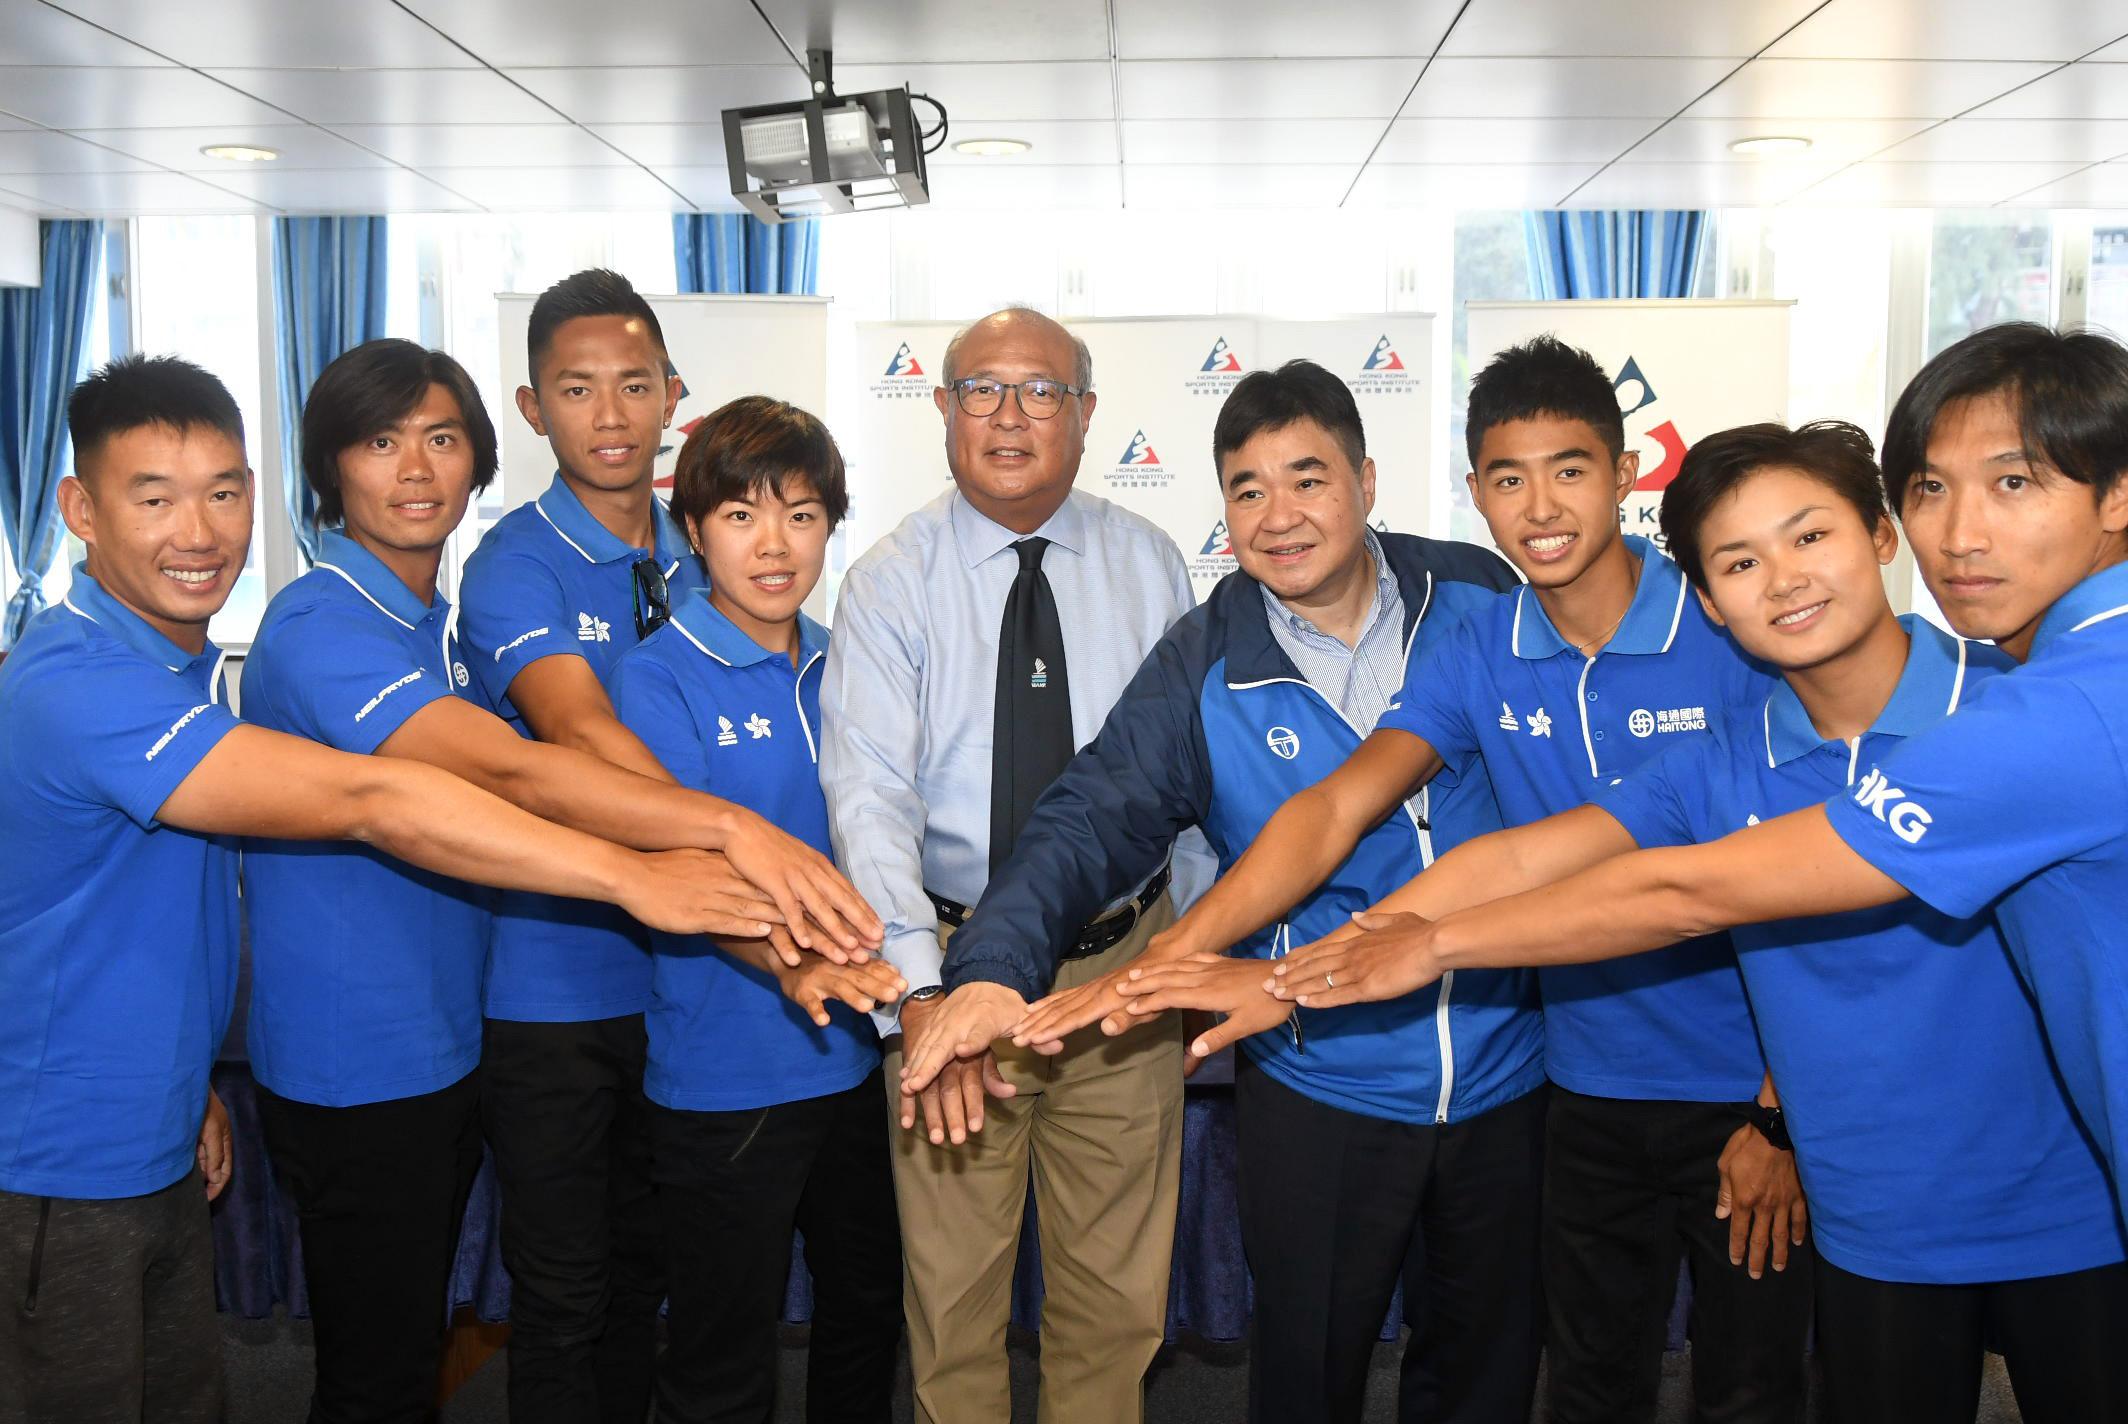 香港滑浪風帆隊望延續歷屆佳績,全力爭勝。郭晉朗攝